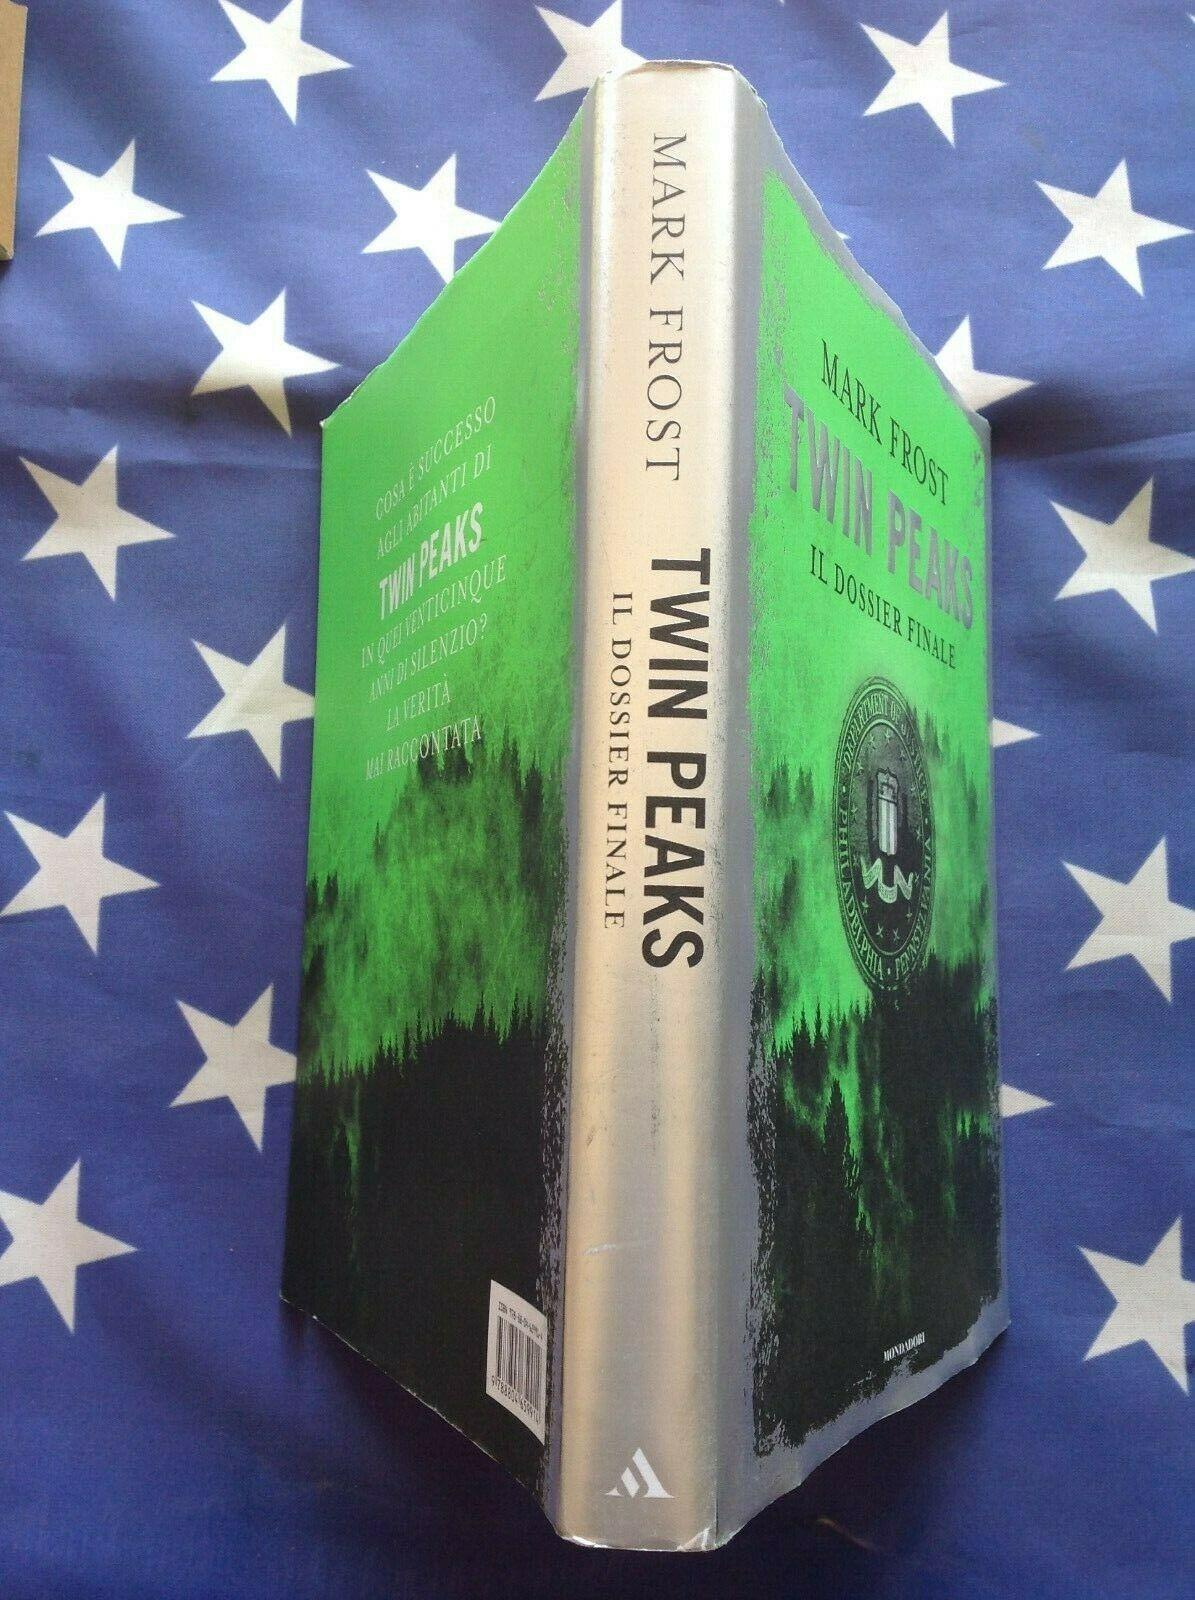 """Quando il mito reclama: """"Twin Peaks il dossier finale"""" di Mark Frost: un Mondadori del 2017 esauritissimo"""